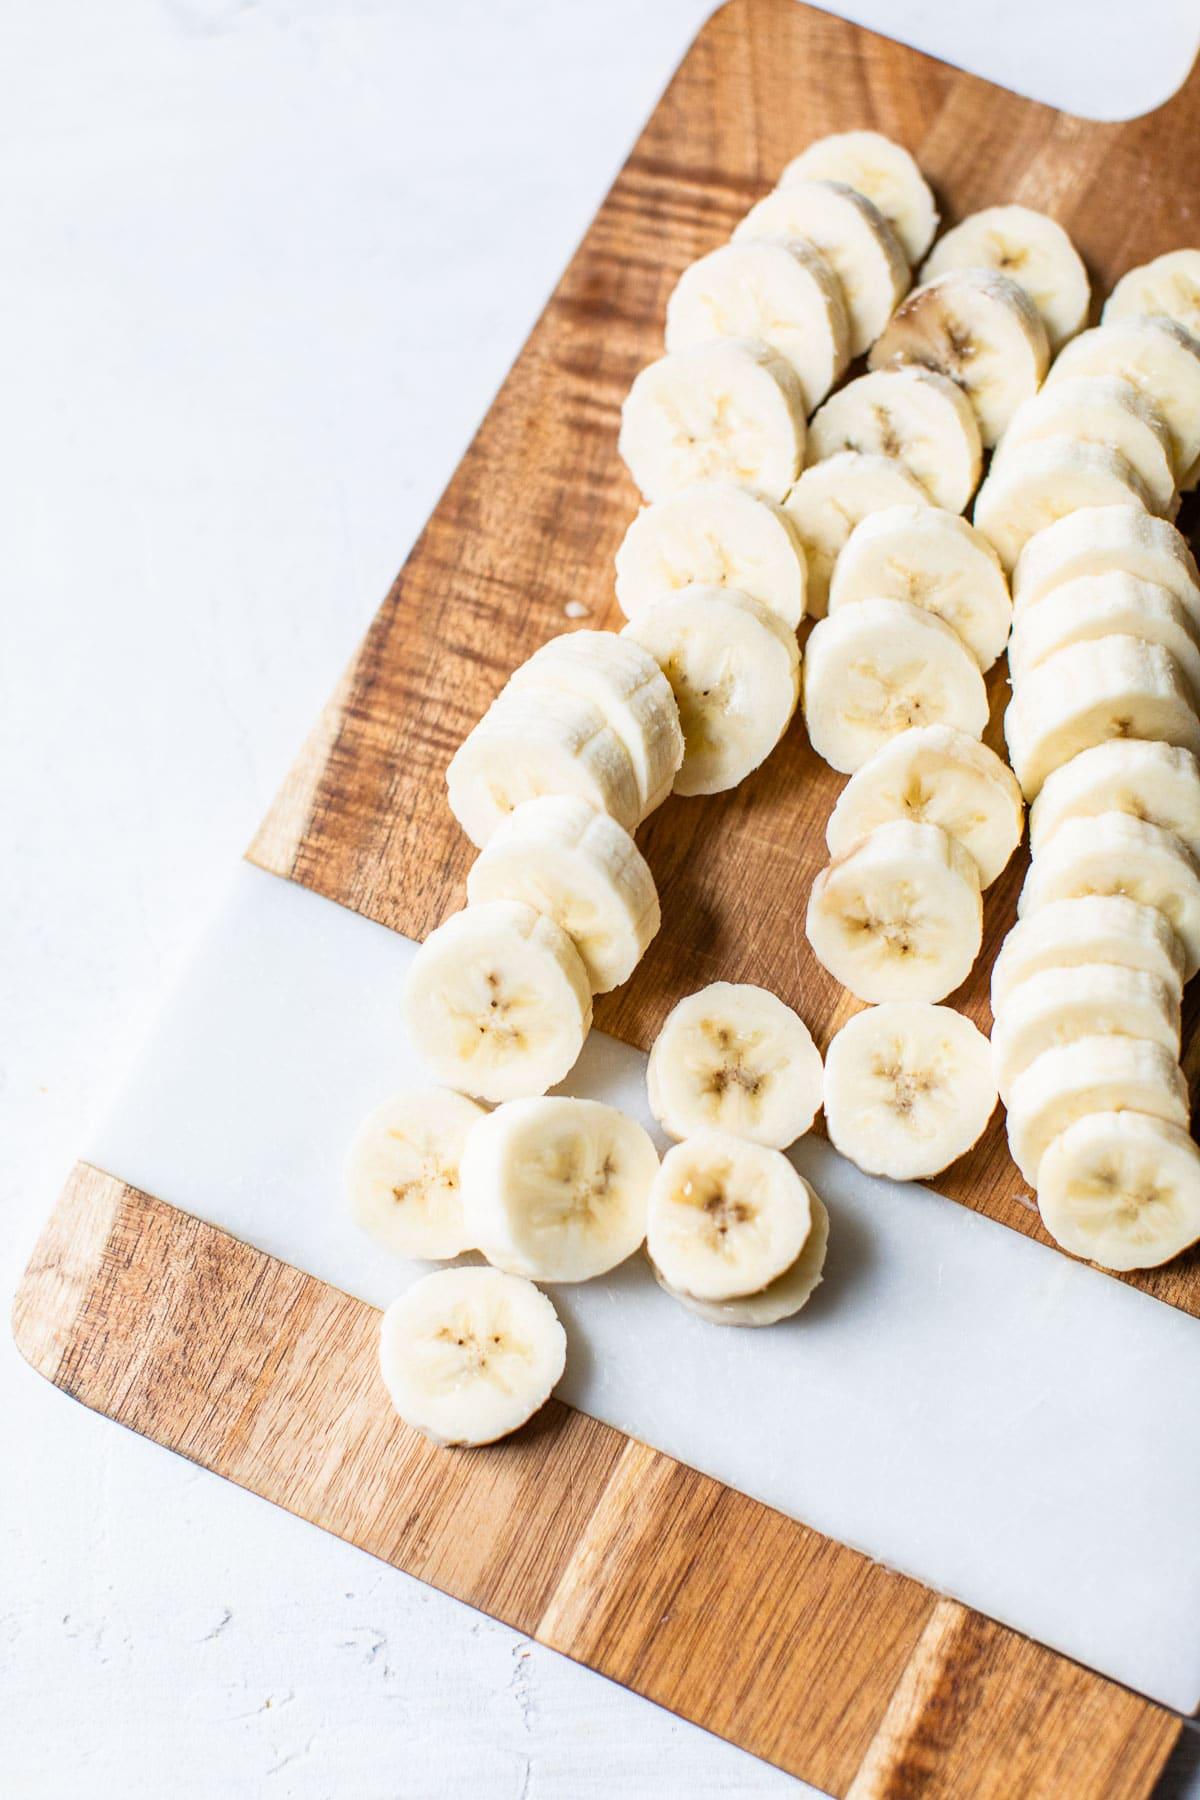 sliced banana on a cutting board